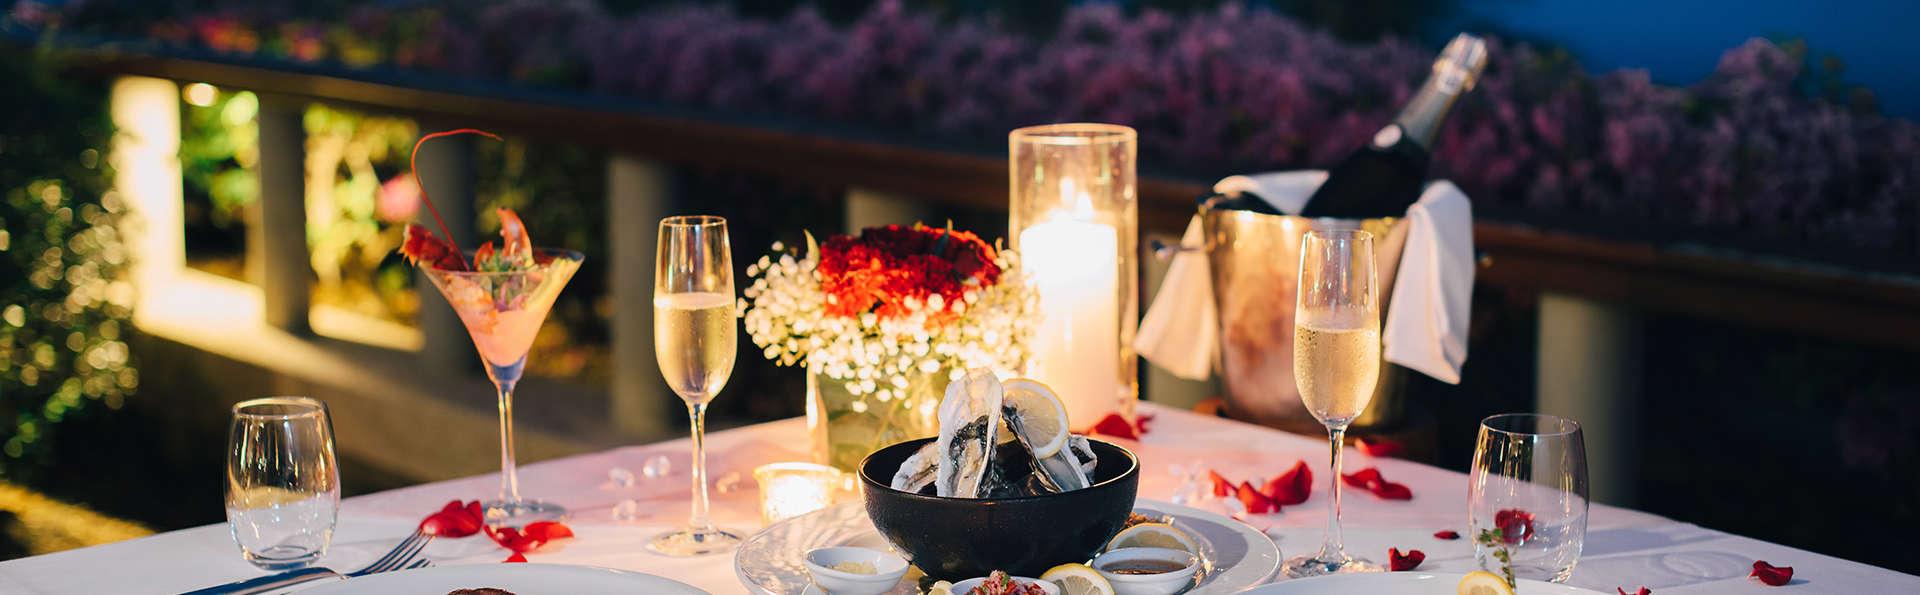 Escapada con cena romántica y salida tardía en la exclusiva Isla de Valdecañas